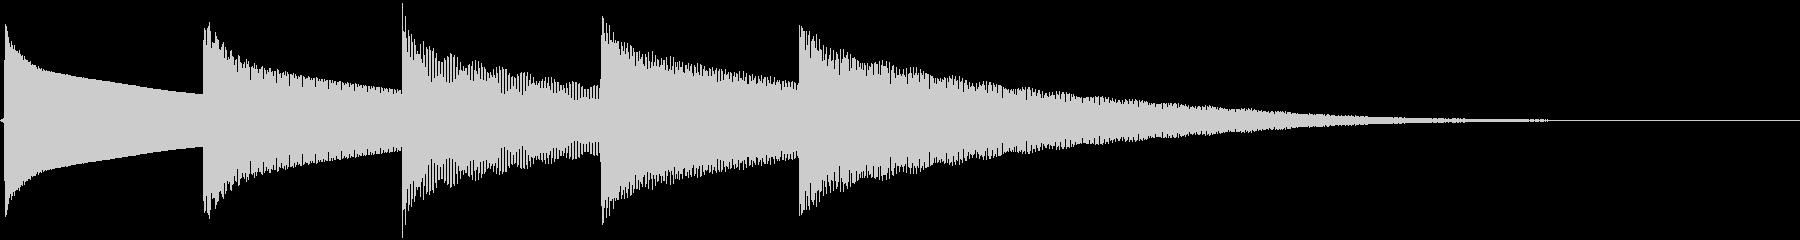 昼休みの時間を告げるチェレスタの音の未再生の波形